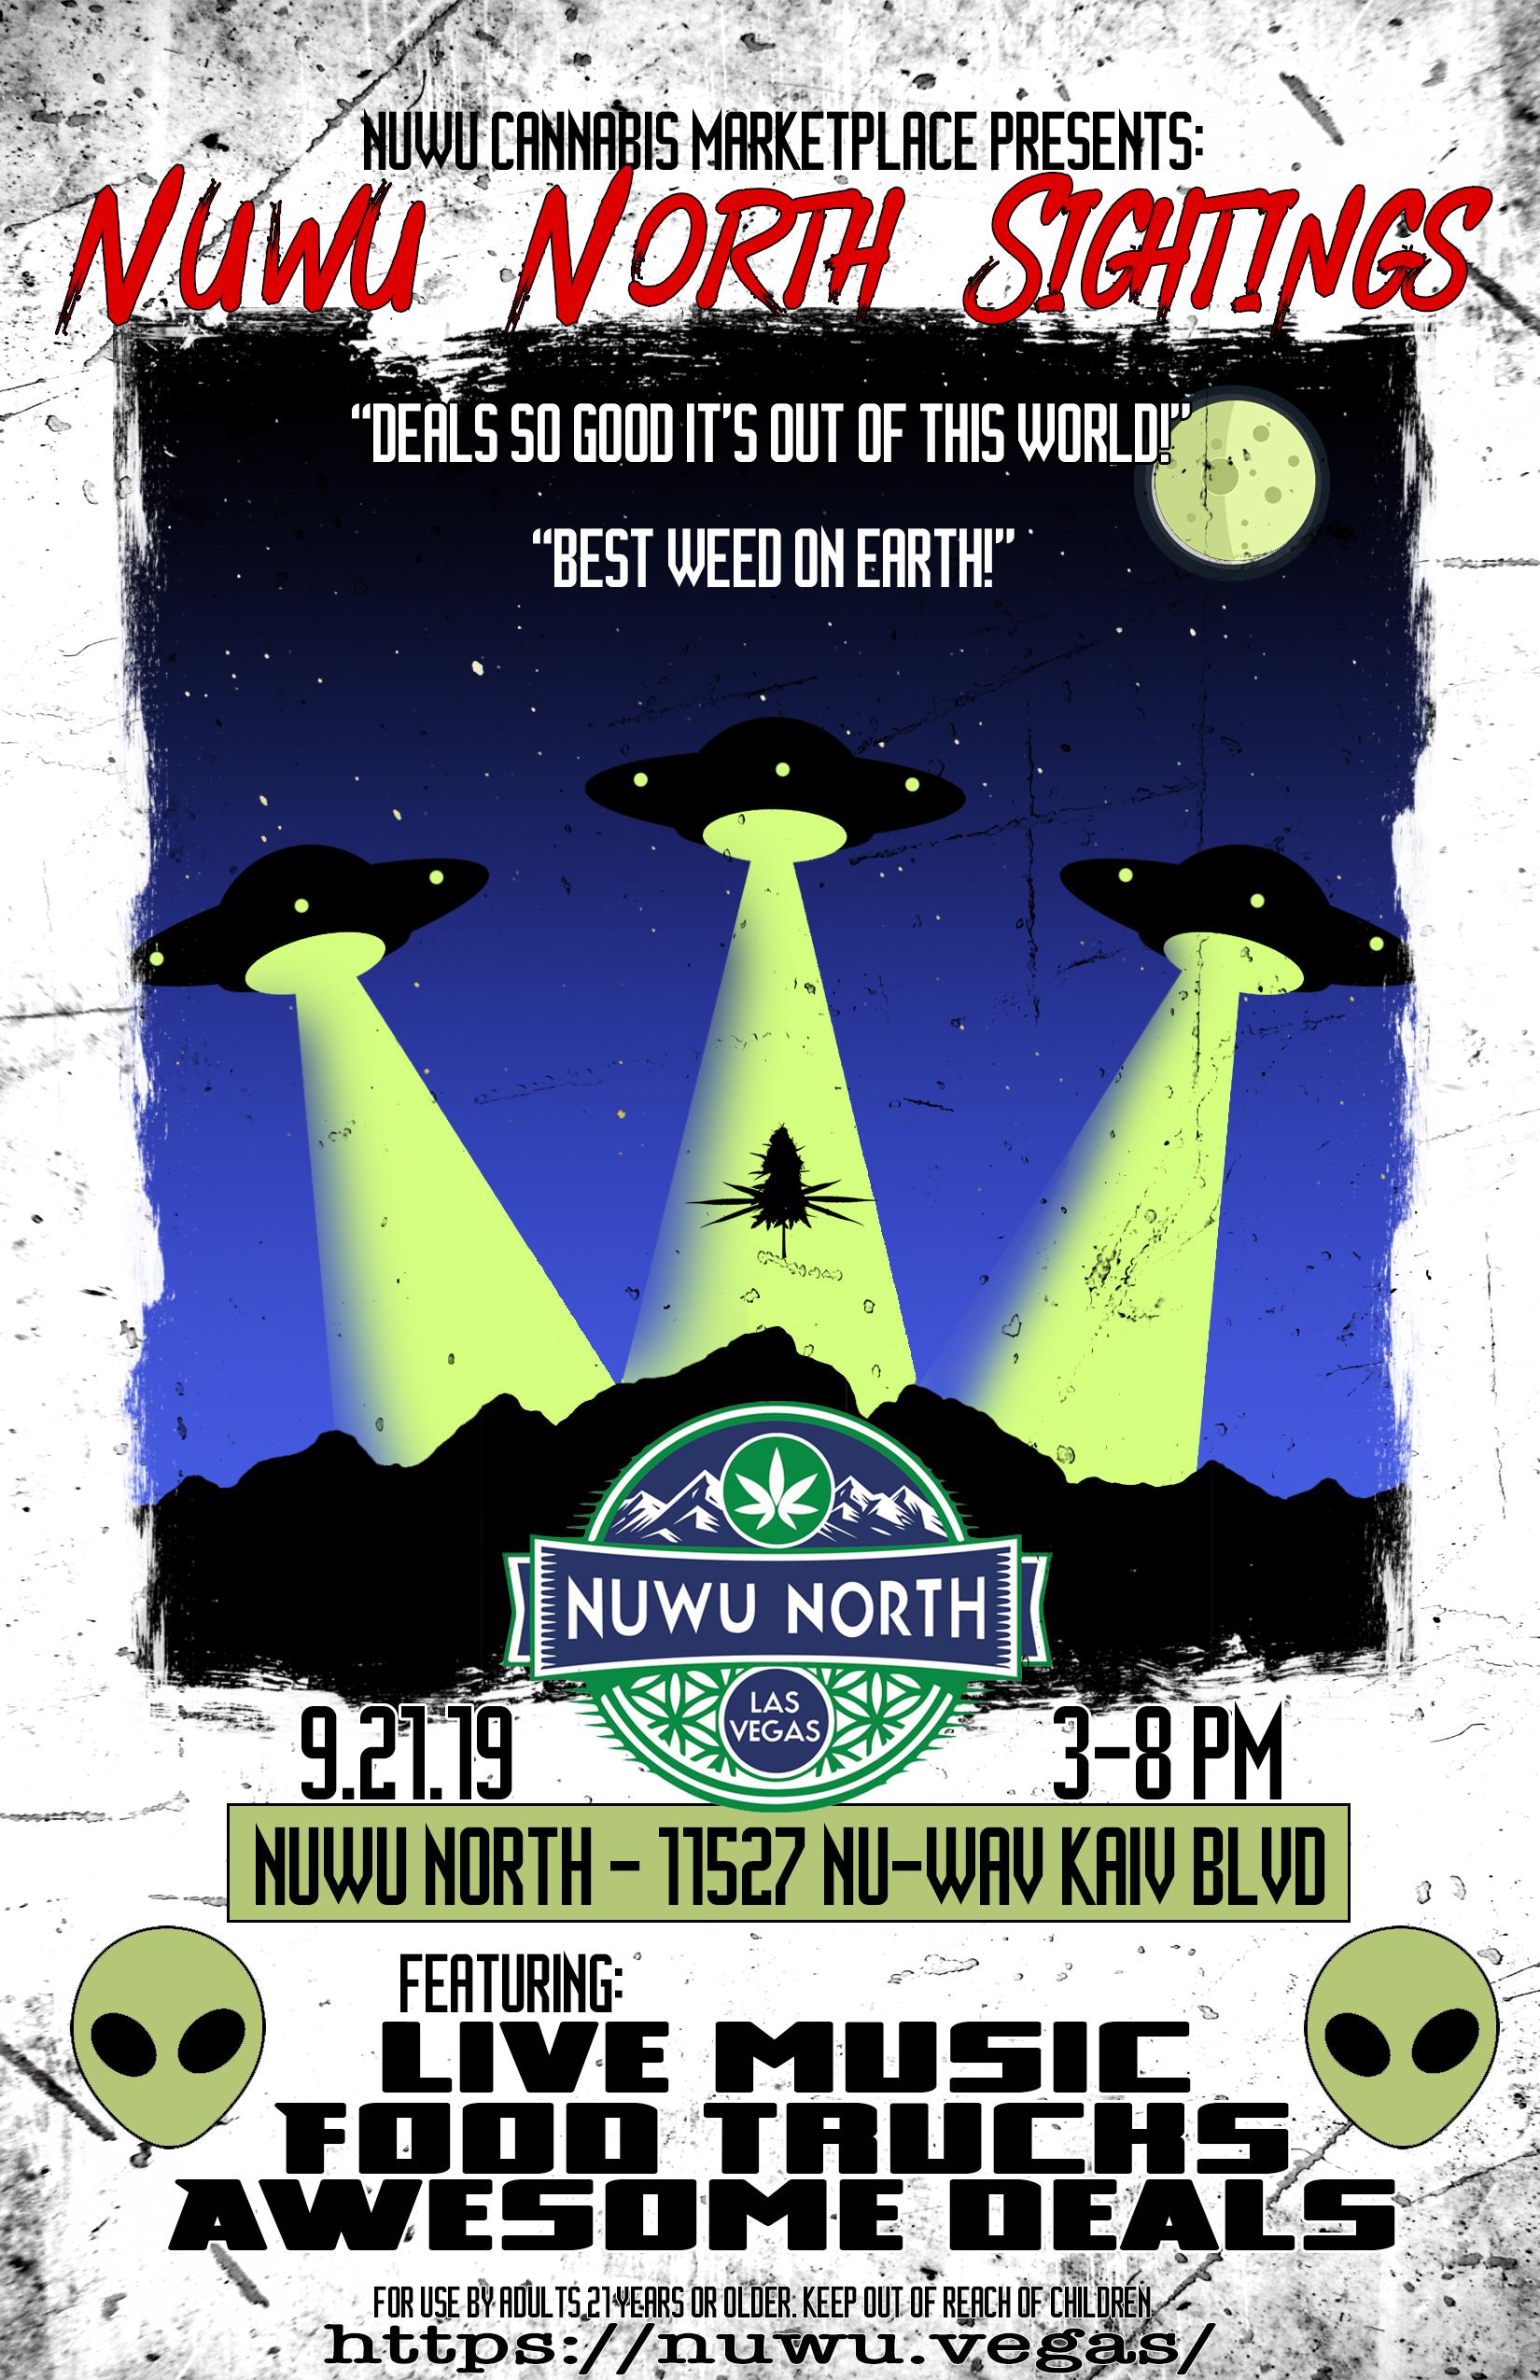 Nuwu North Sightings 11x17.jpg